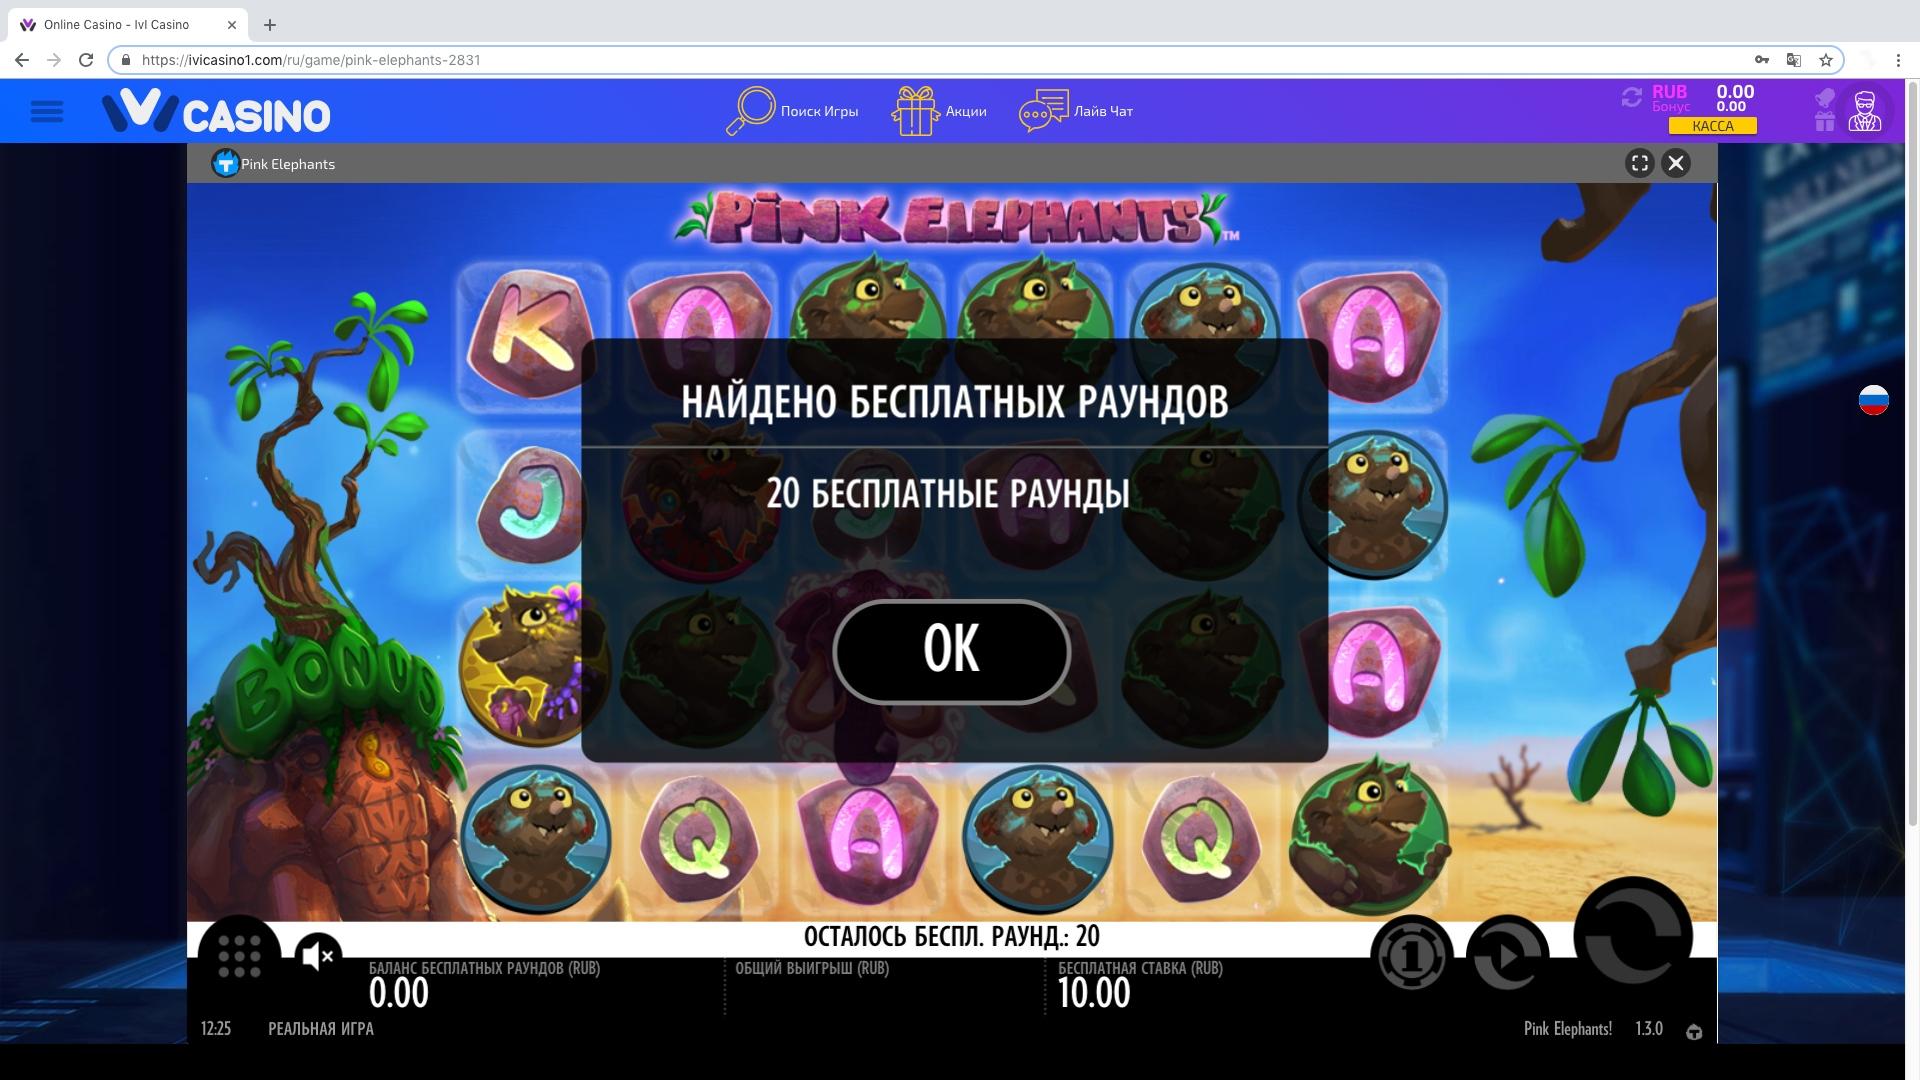 Бездепозитный бонус за региcтрацию в казино IviCasino